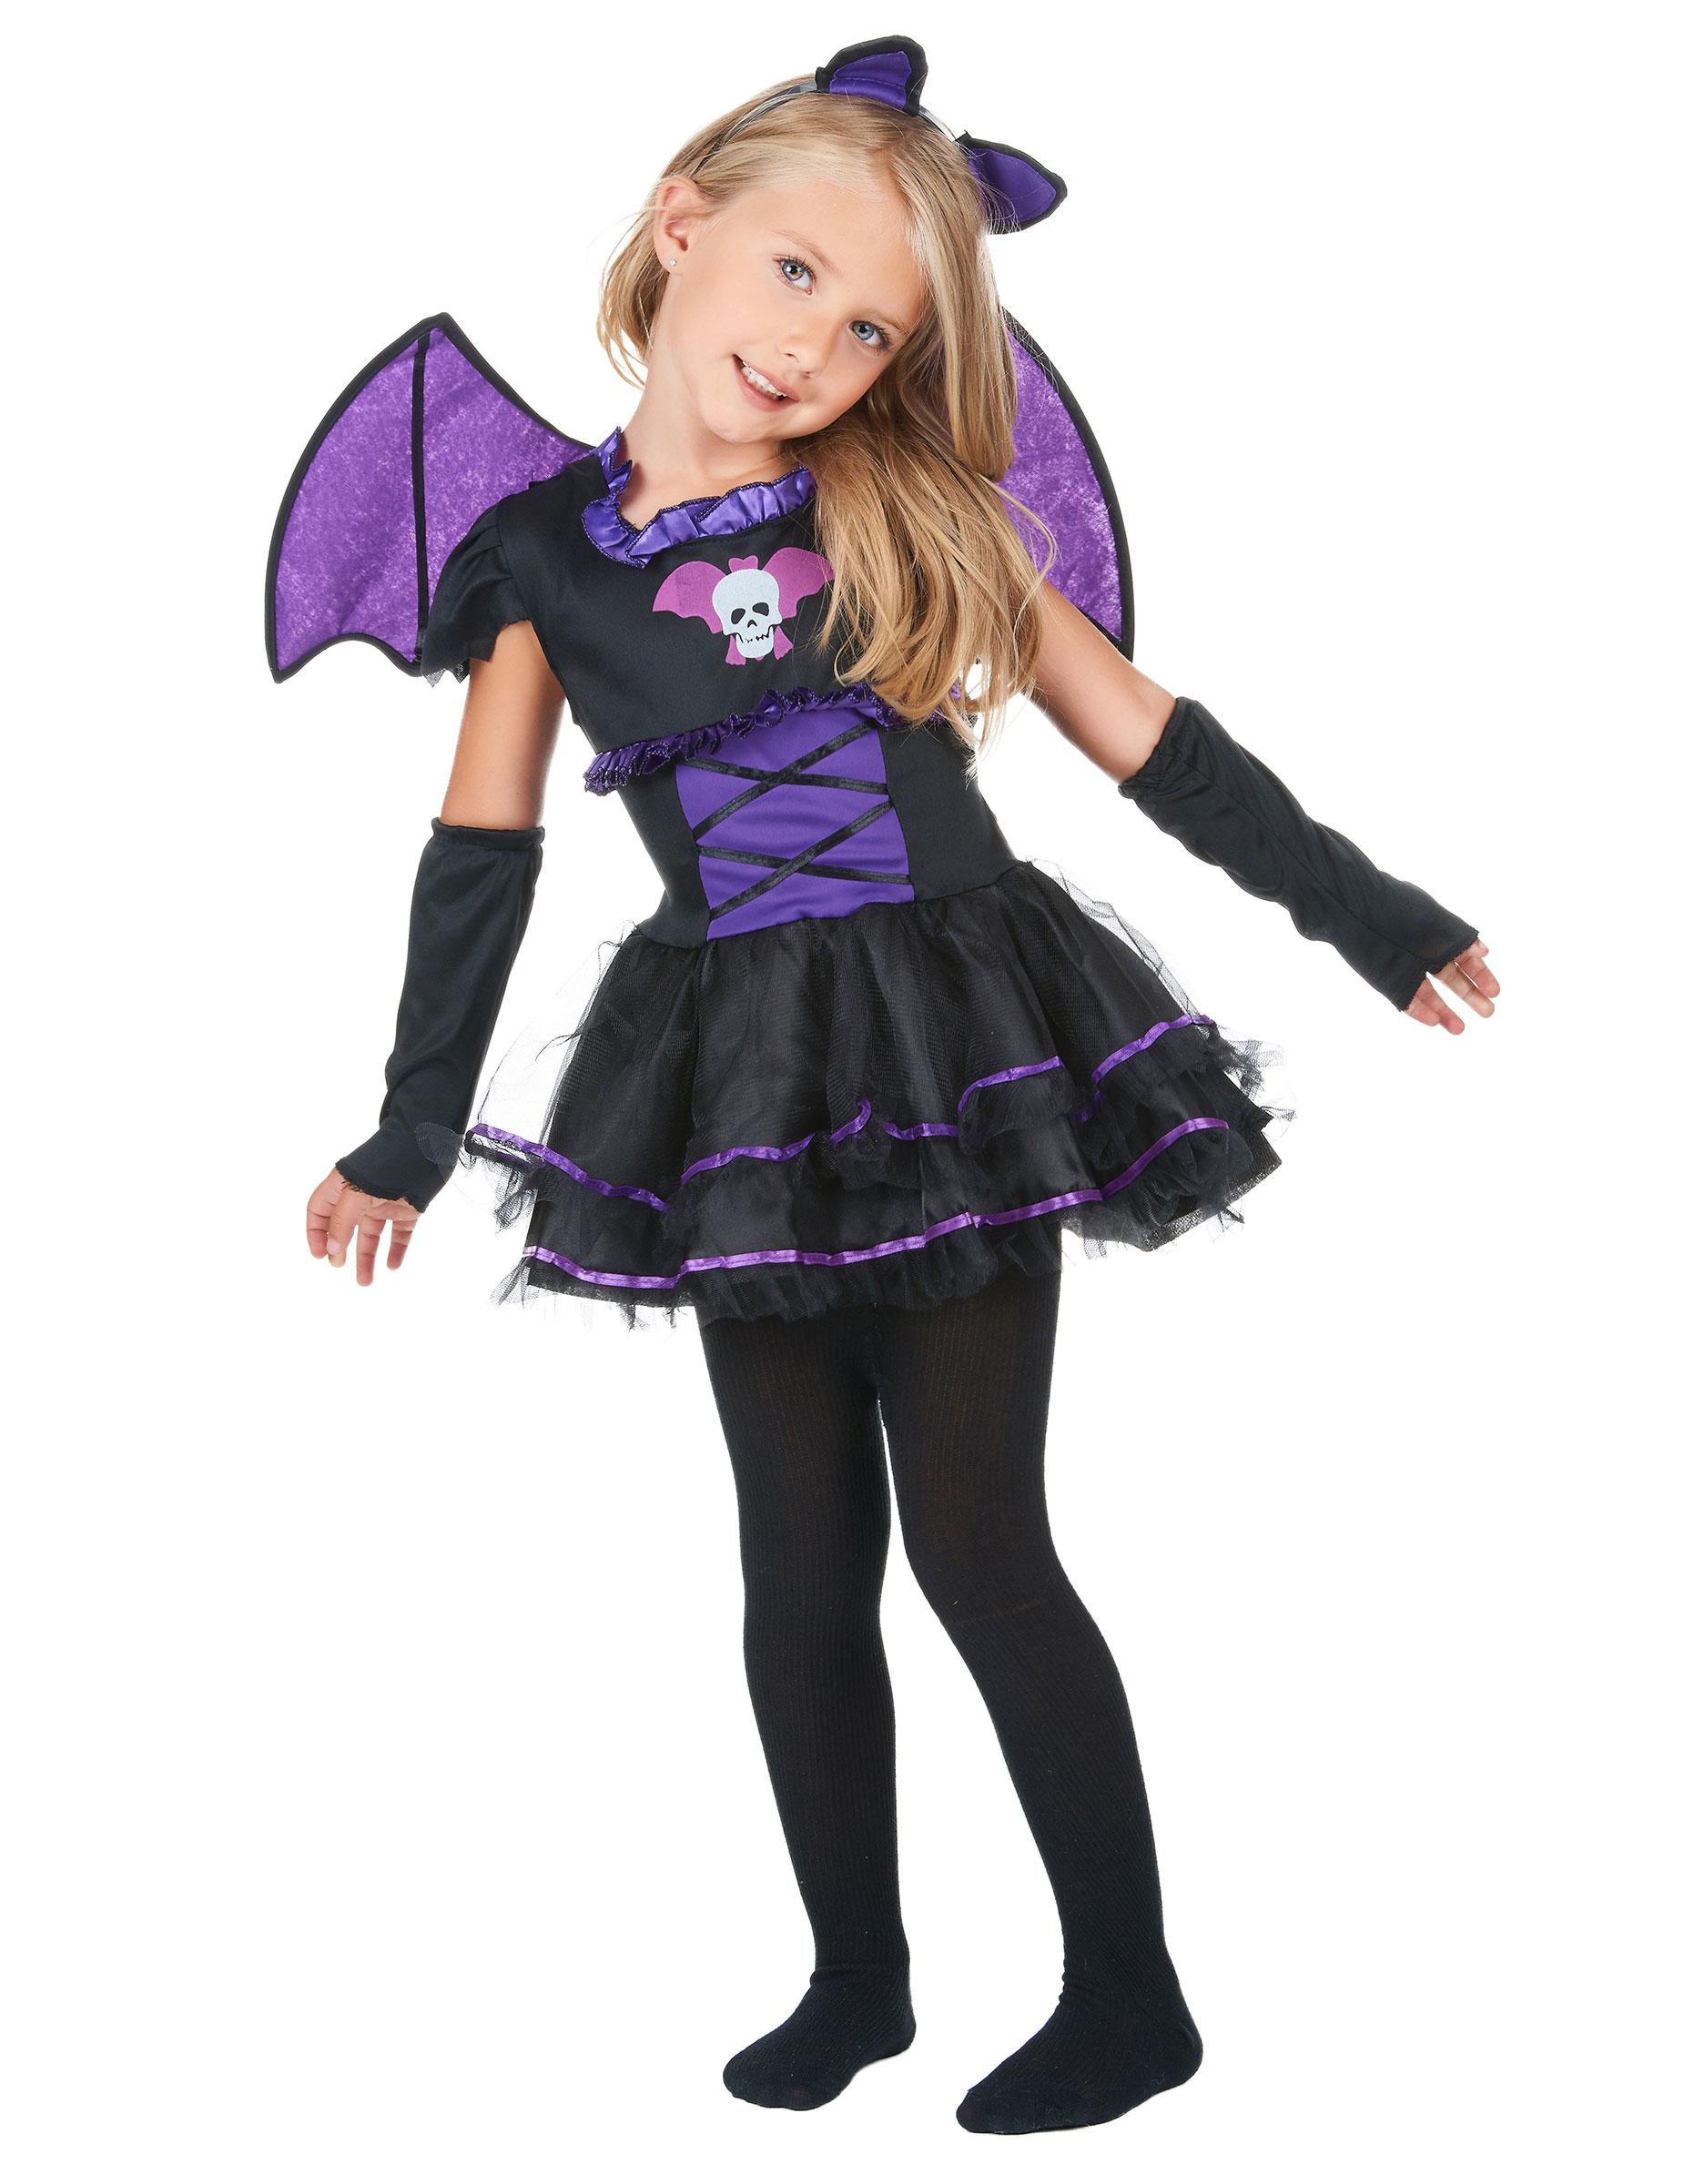 Molto Vestiti di Halloween per bambini da vampiro - Vegaoo.it QU59